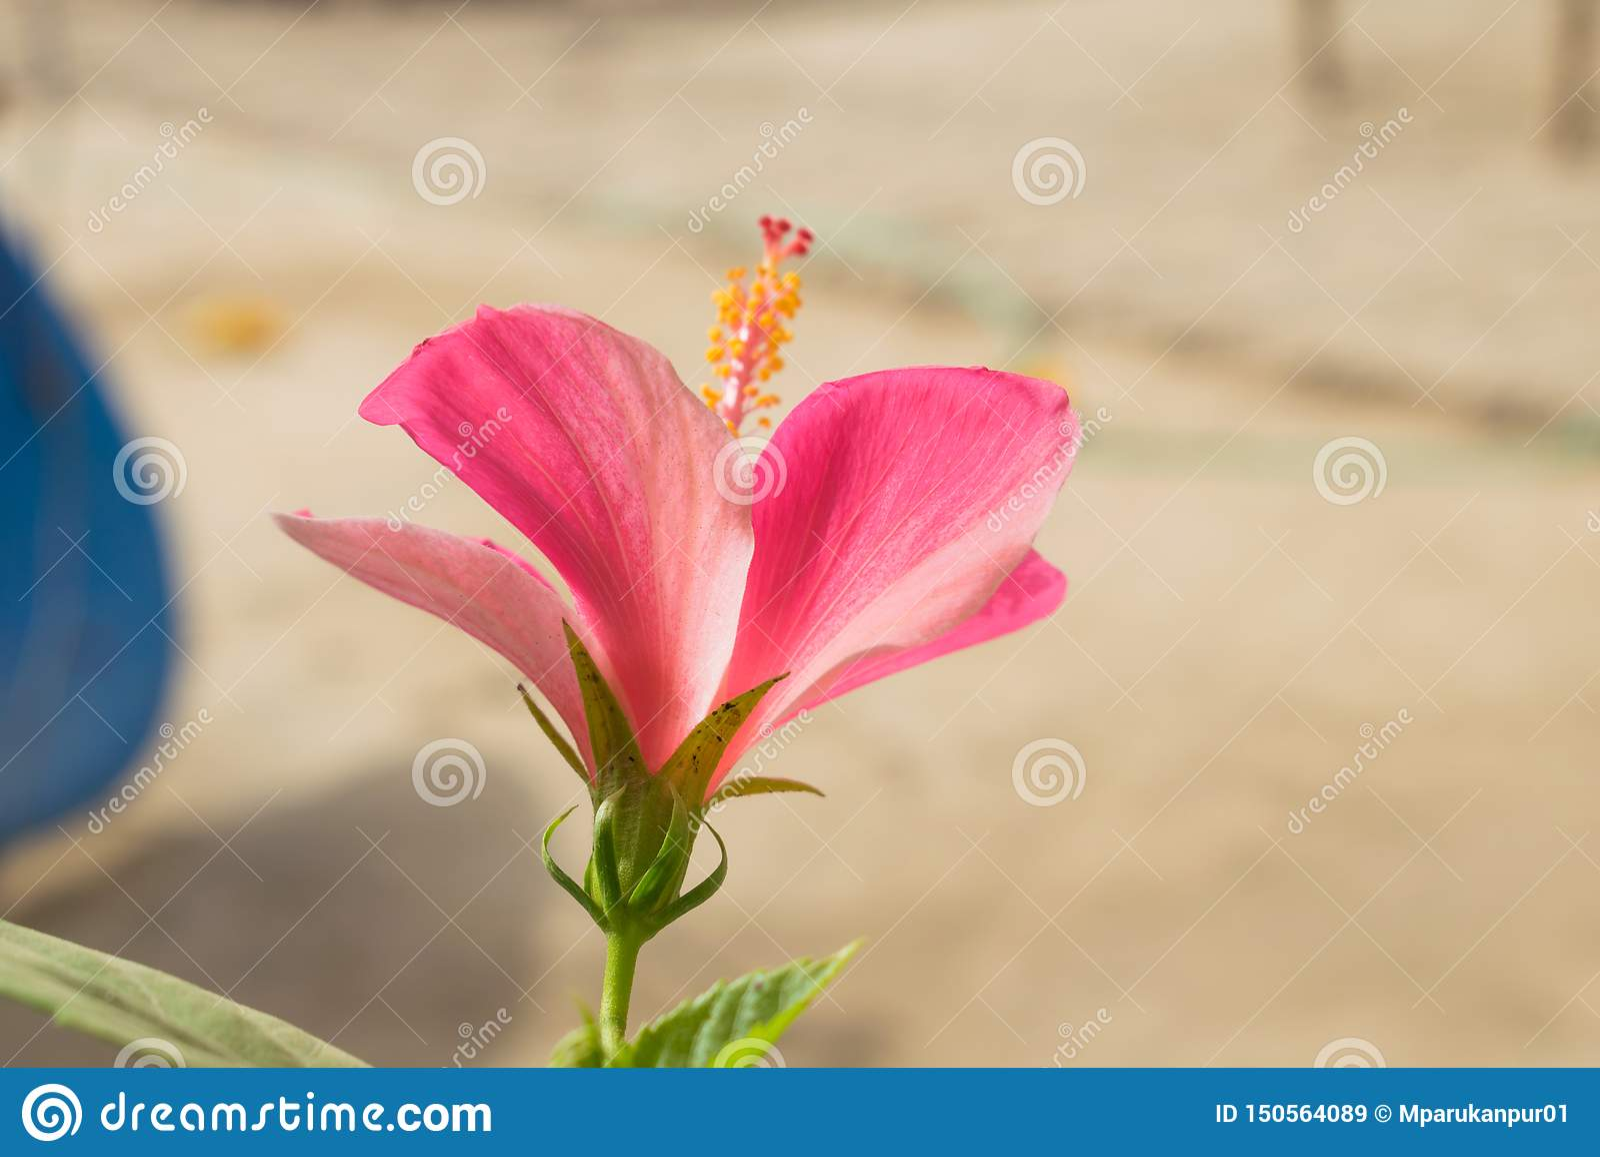 Sluit omhoog van mooie melkachtige roze hibiscusbloem in een tuin